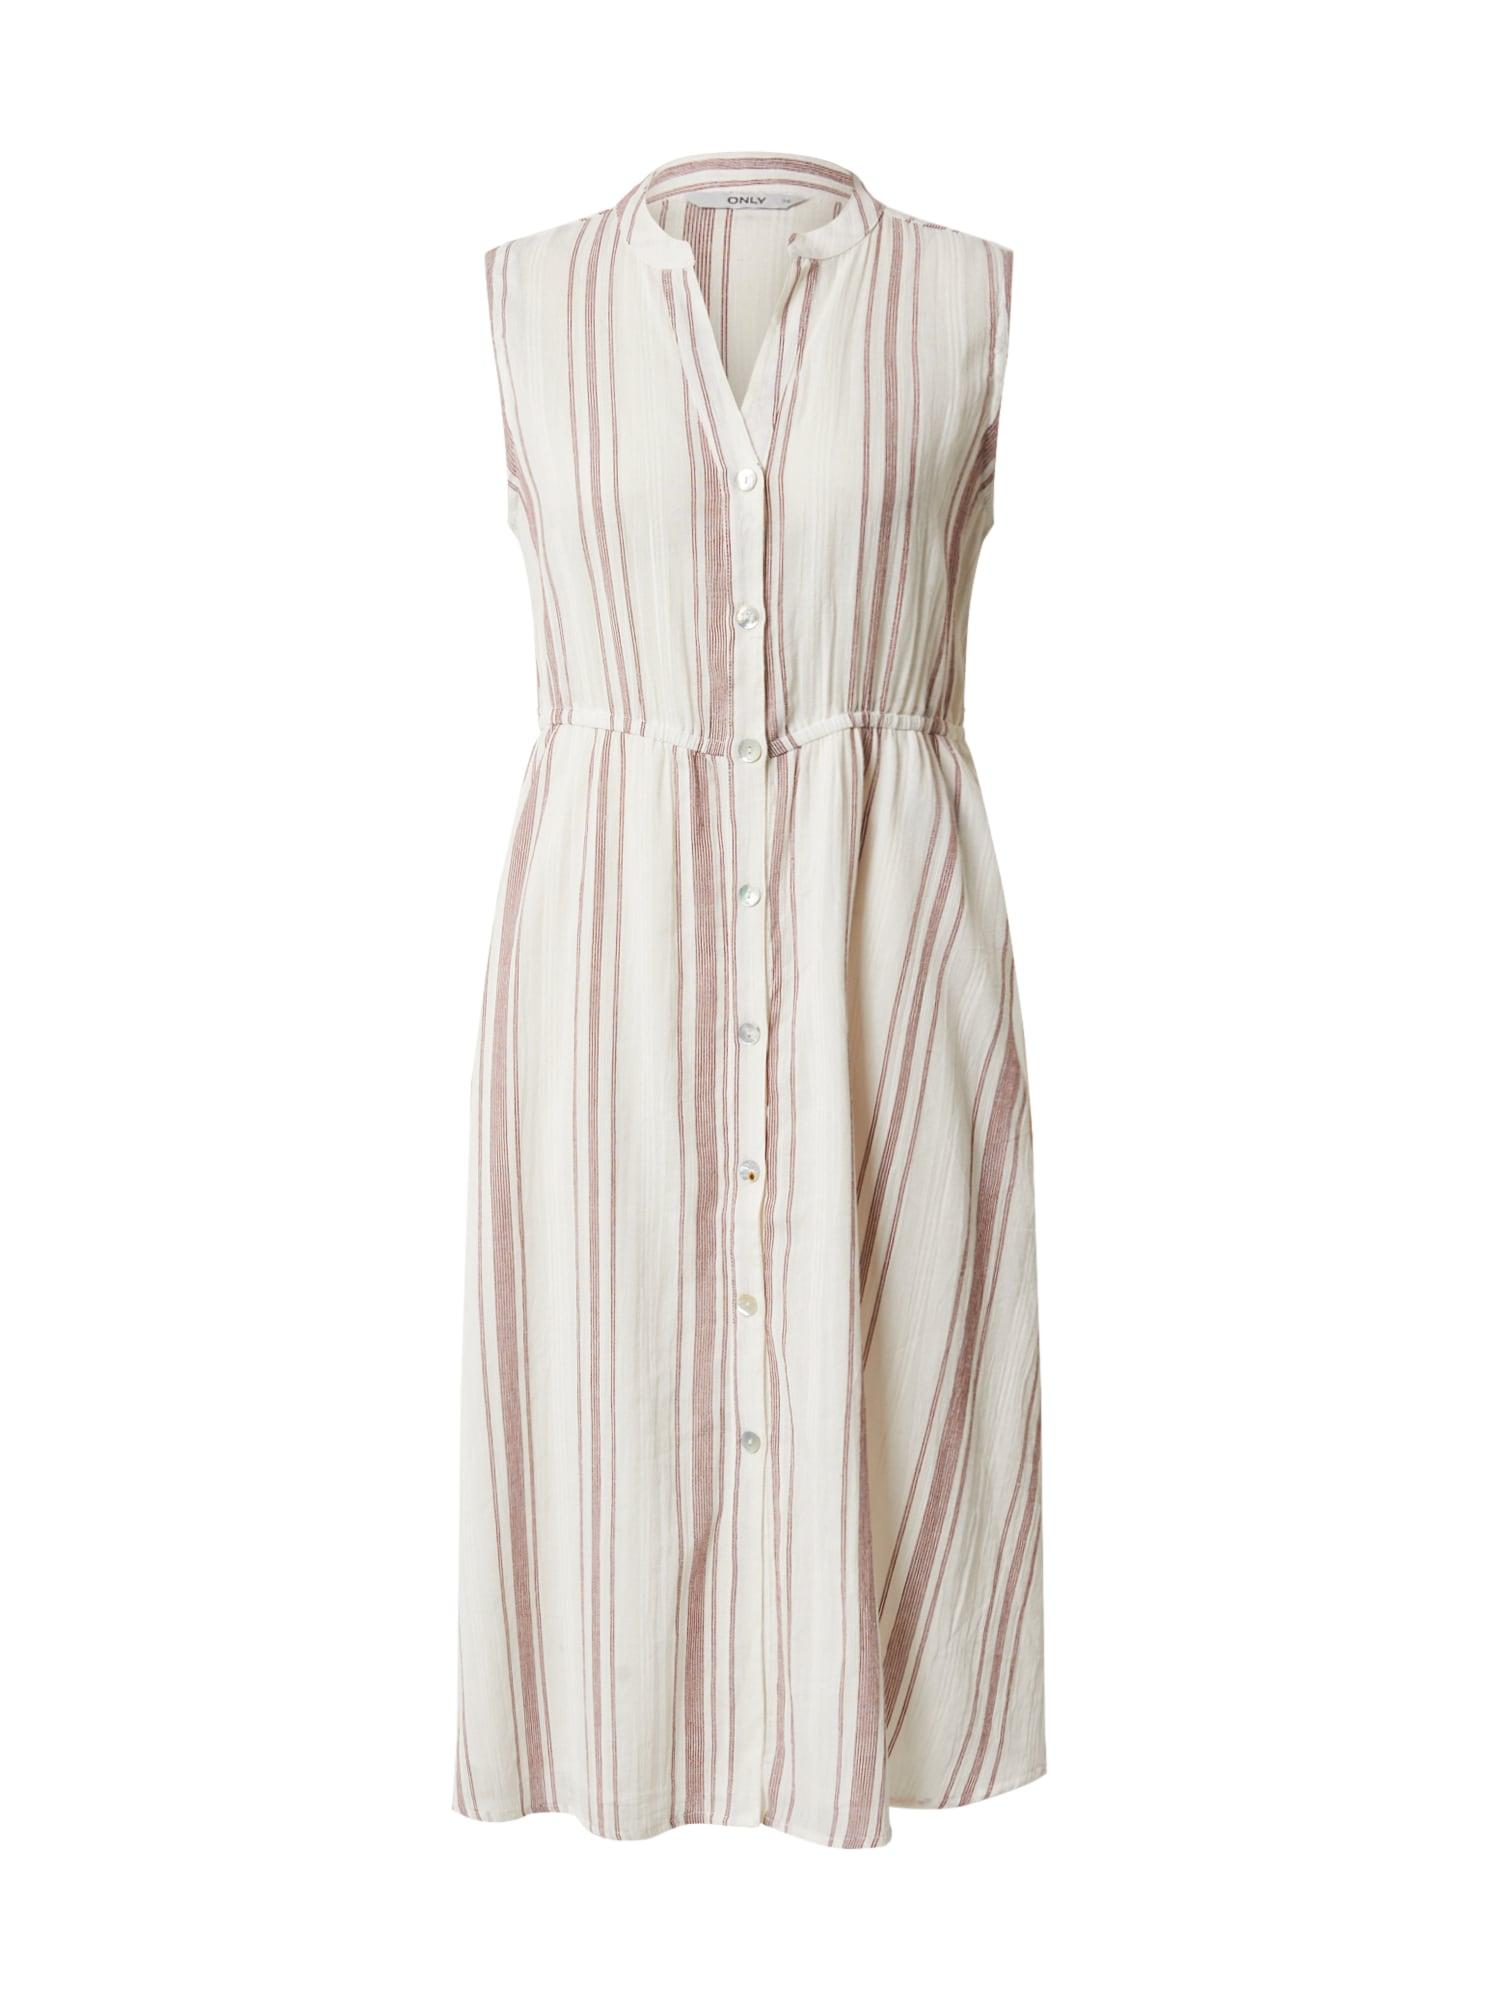 ONLY Košeľové šaty 'DORRIE'  bordové / šedobiela